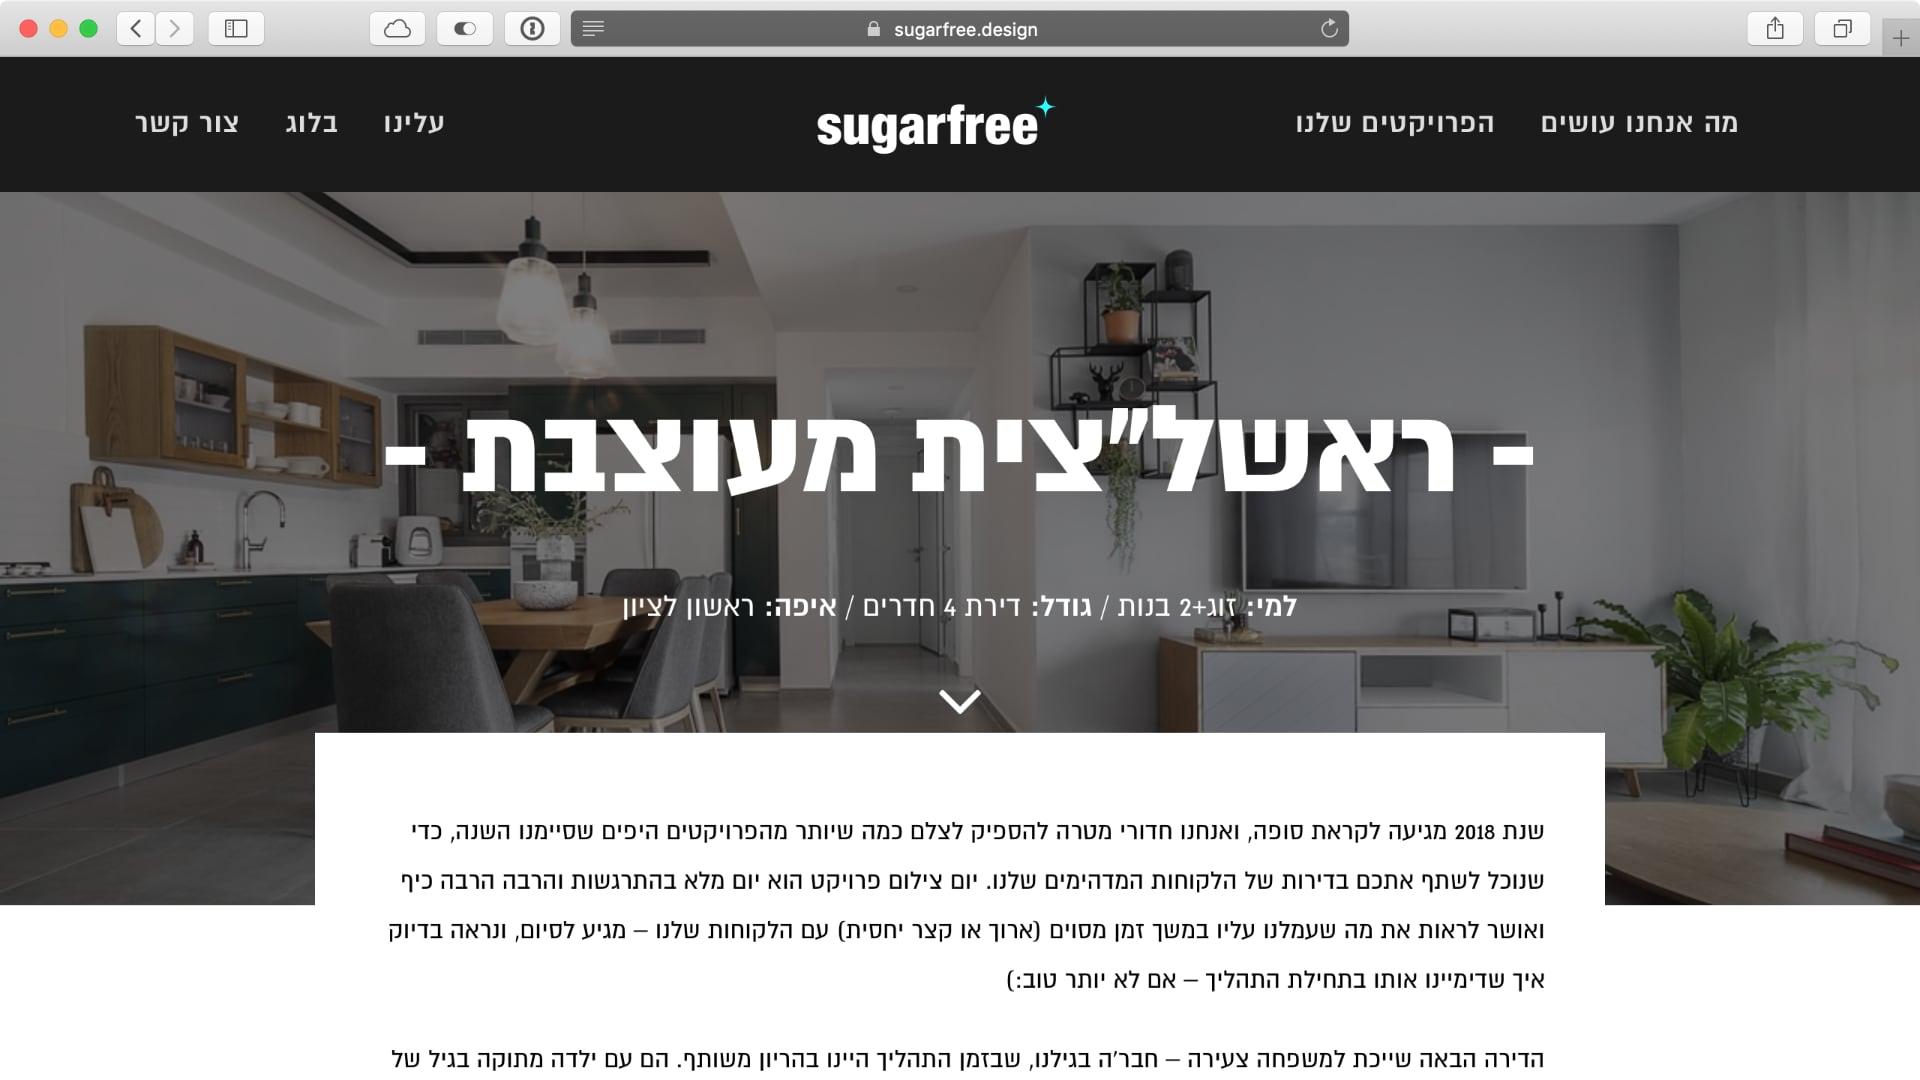 פרויקט: מציג את הפרטים הטכניים מעל הפוסט